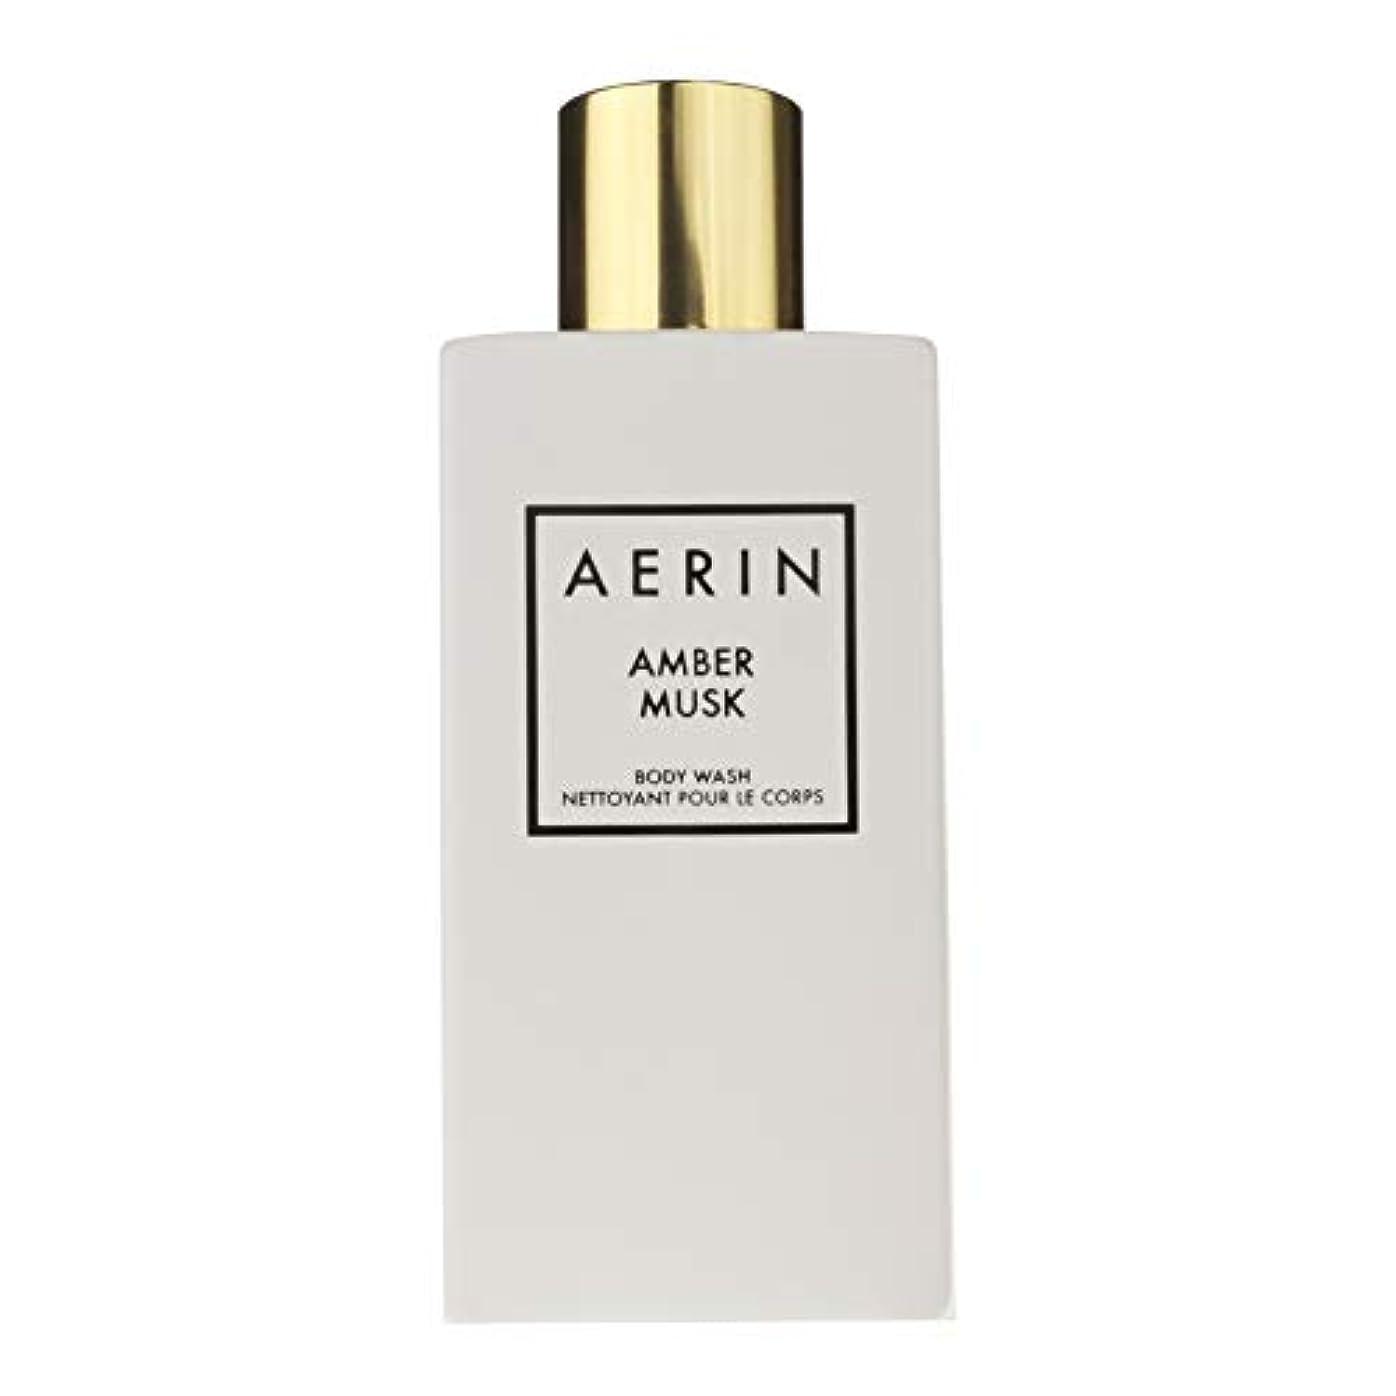 逮捕整理するアクティブAERIN 'Amber Musk' (アエリン アンバームスク) 7.6 oz (228ml) Body Wash ボディーウオッシュ by Estee Lauder